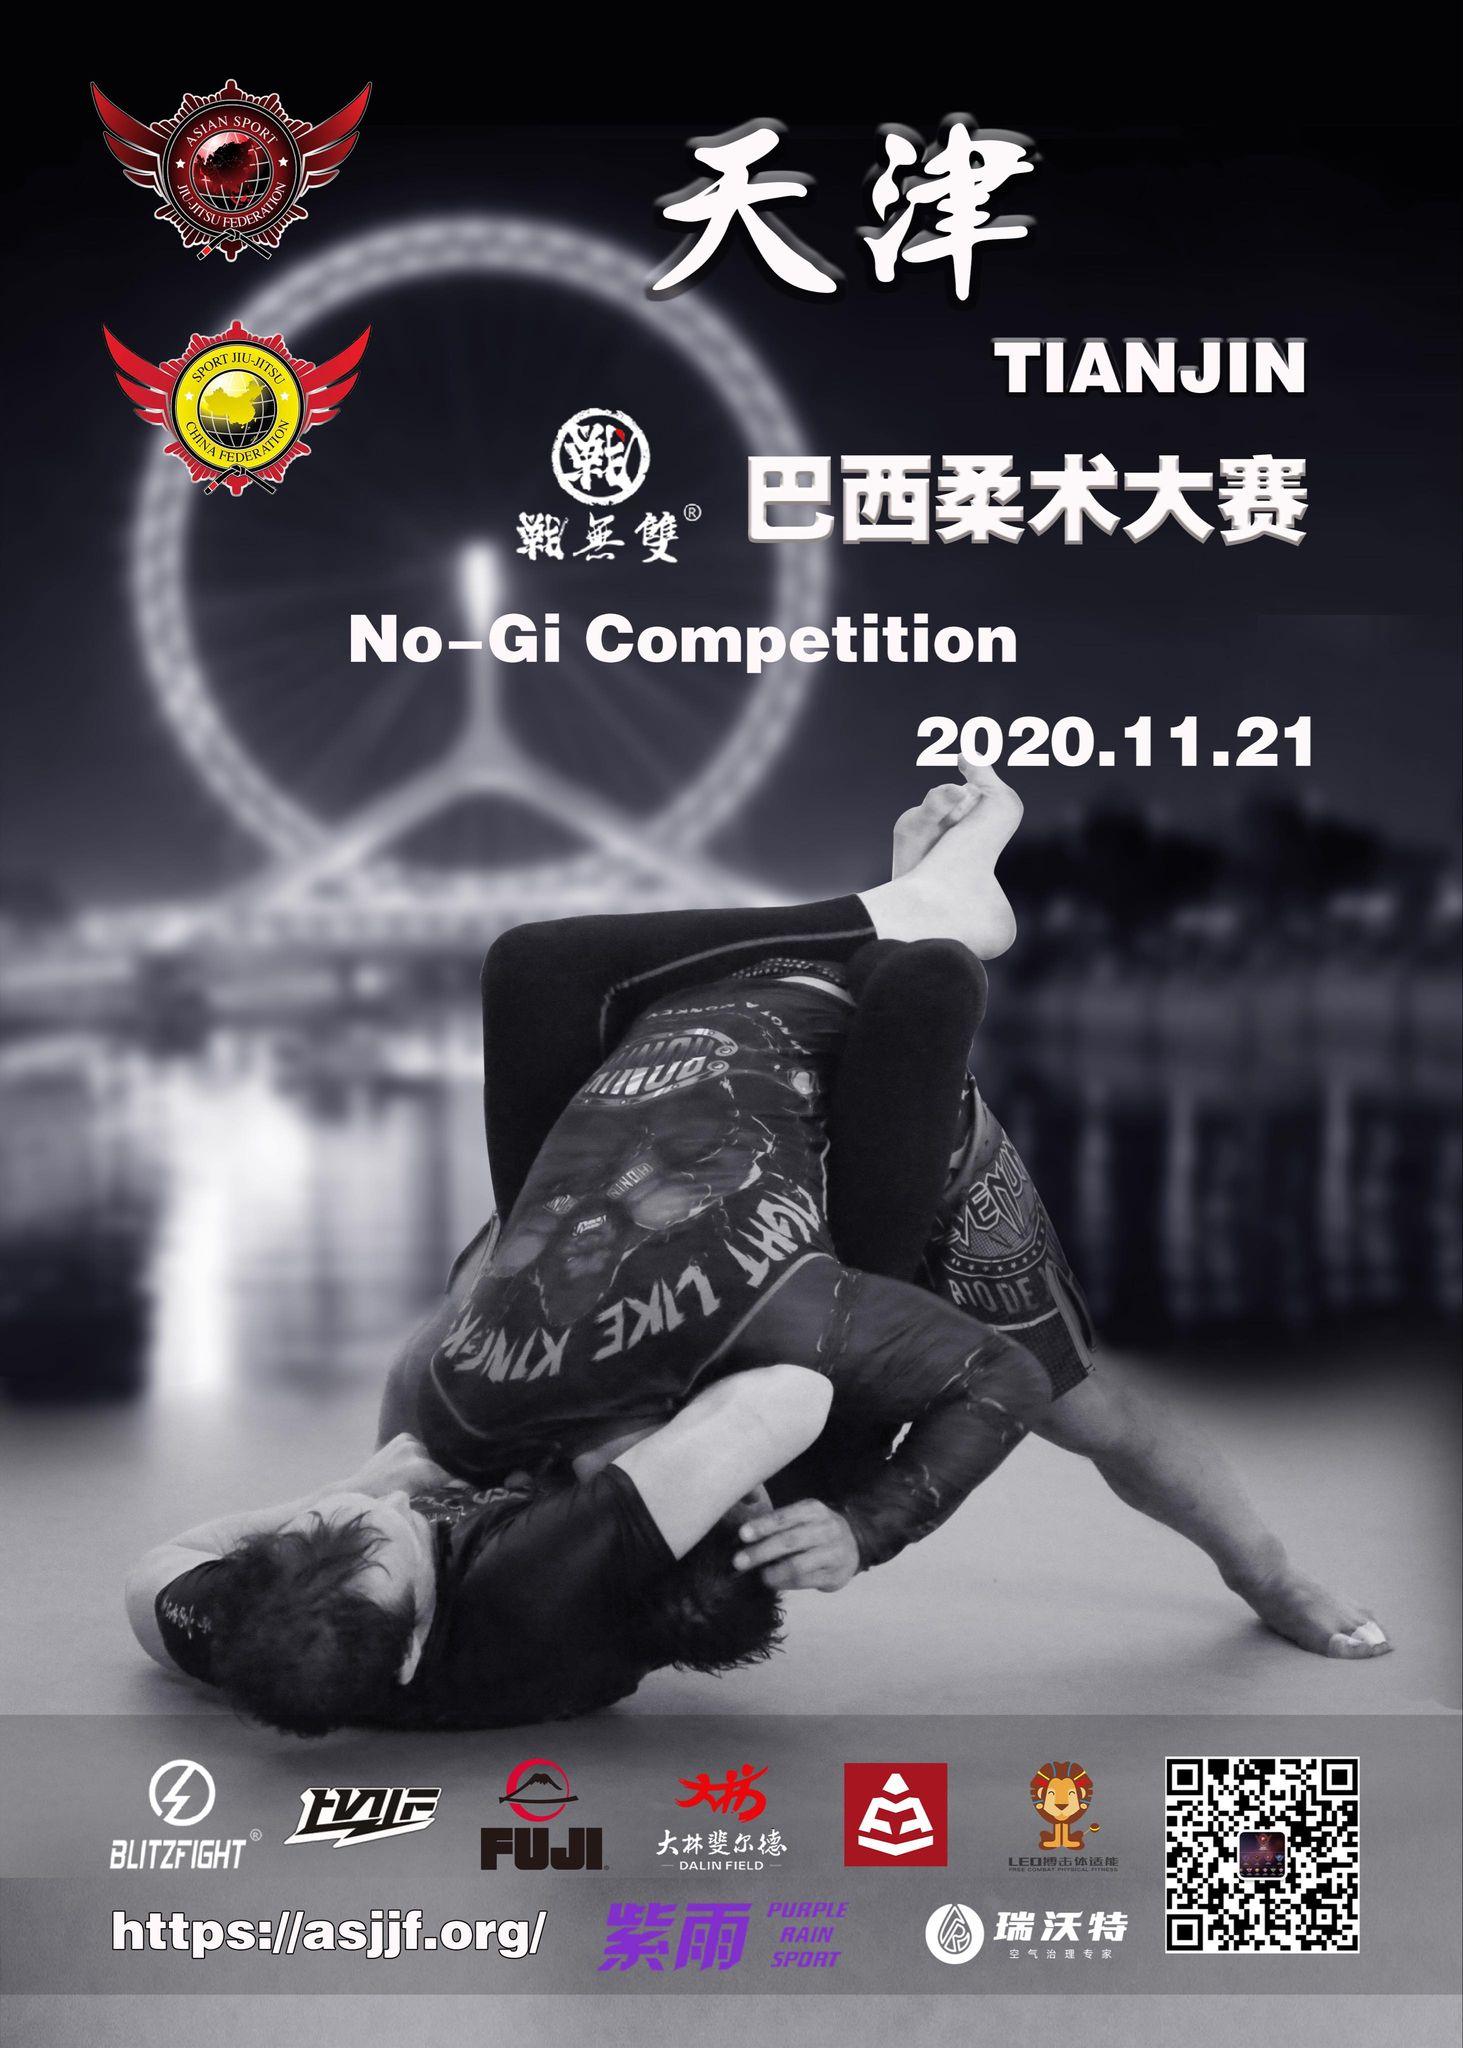 sjjcf tianjin no-gi championship 2020